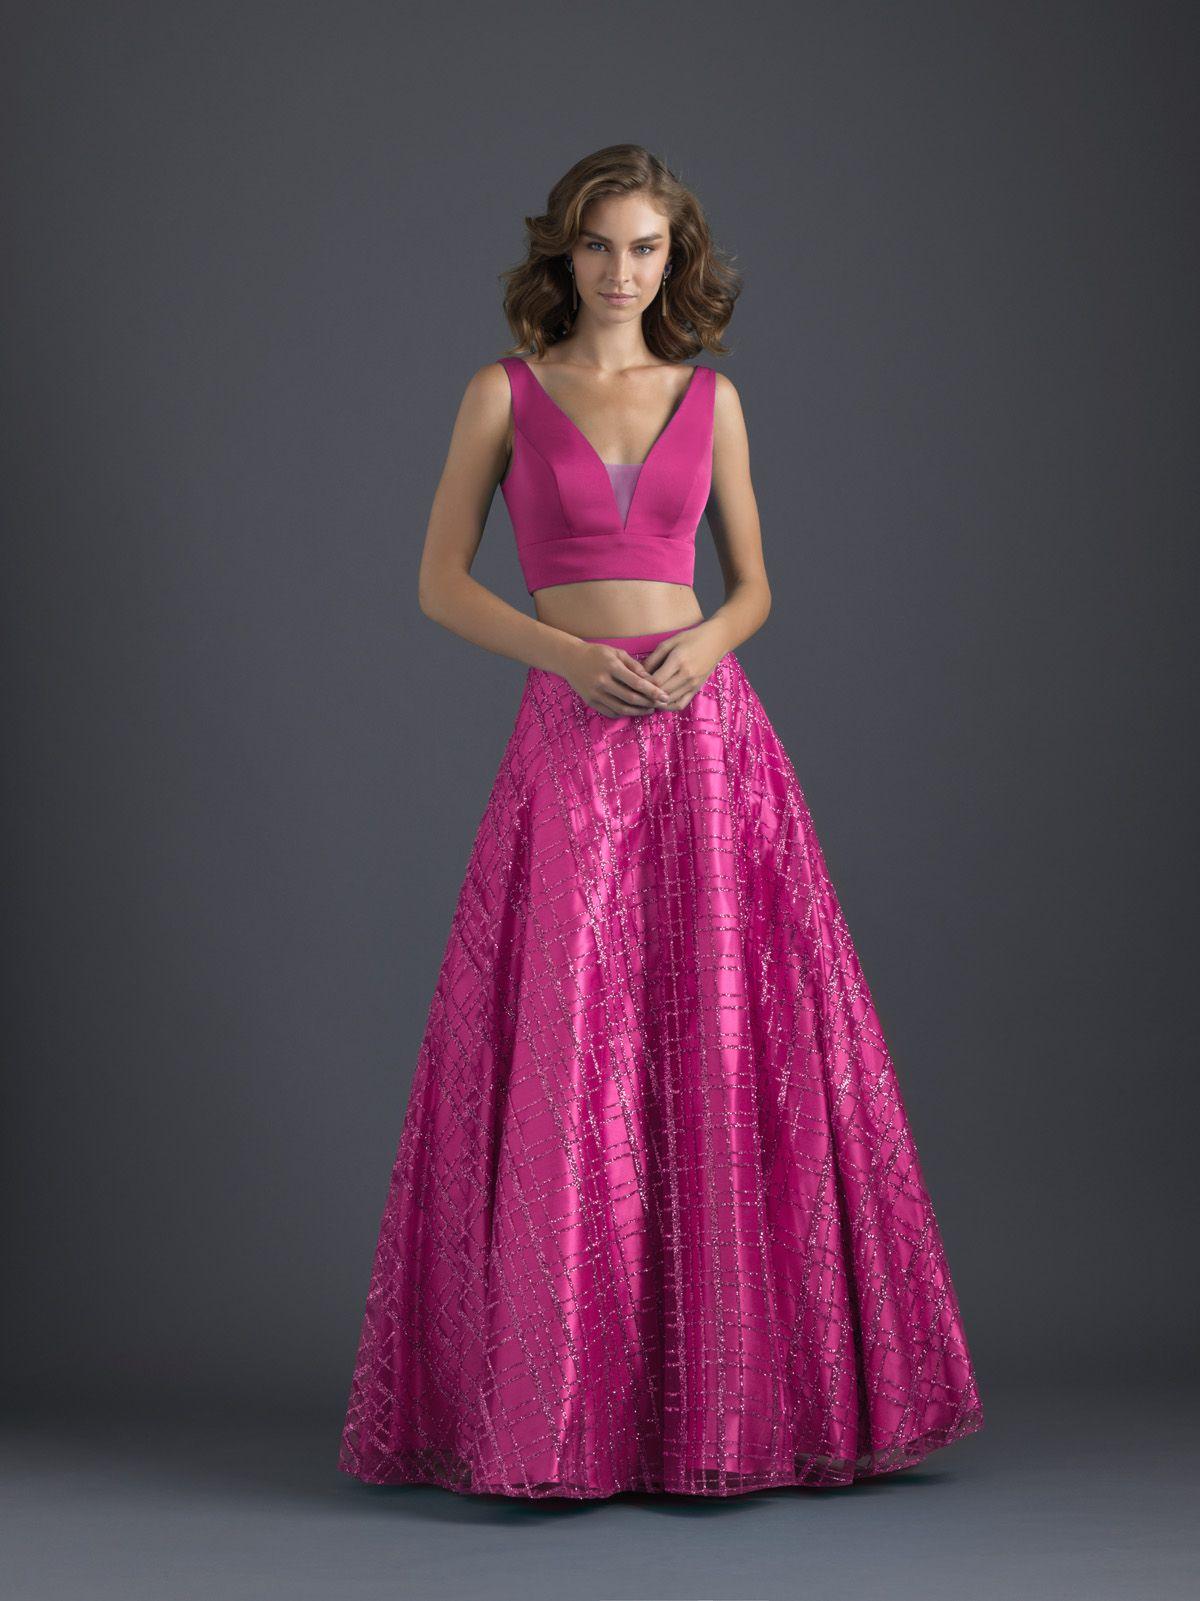 Bonito Vestido De Novia Madison Galería - Colección de Vestidos de ...